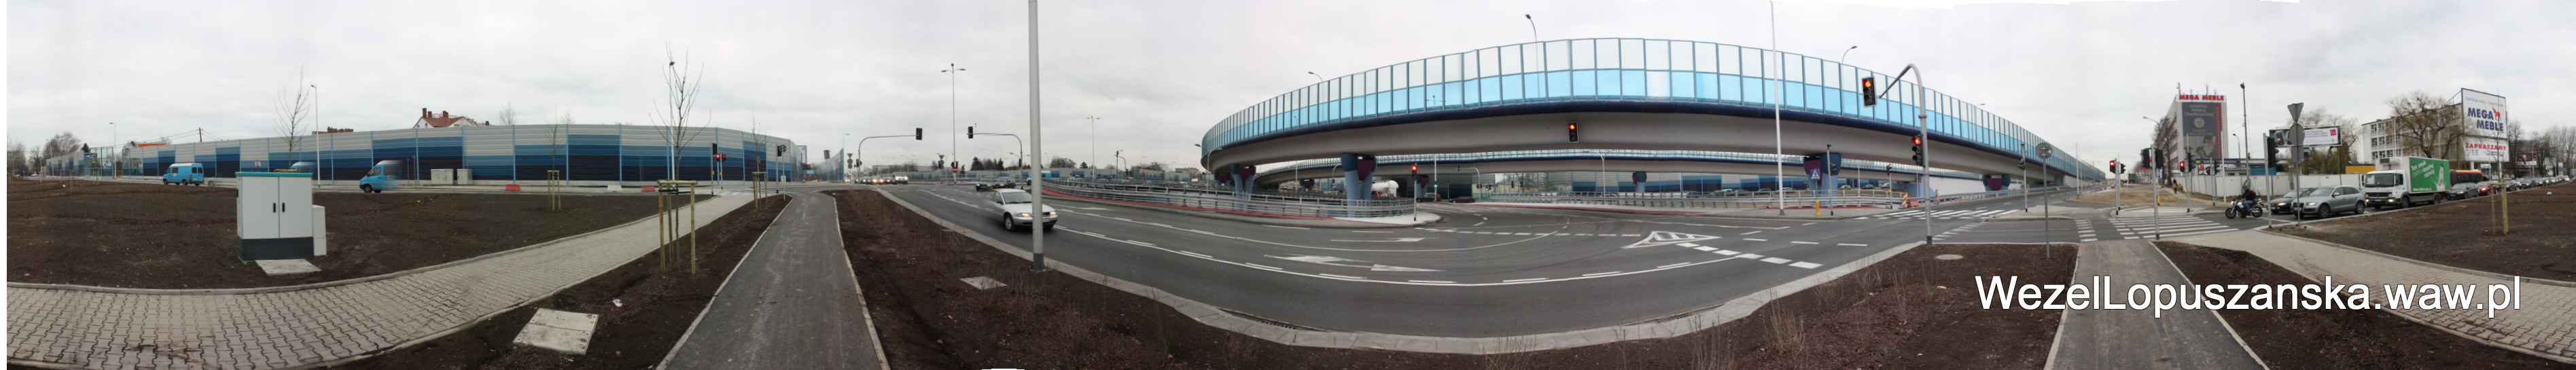 2011.12.03 - Węzeł Łopuszańska - panorama od strony Kleszczowej